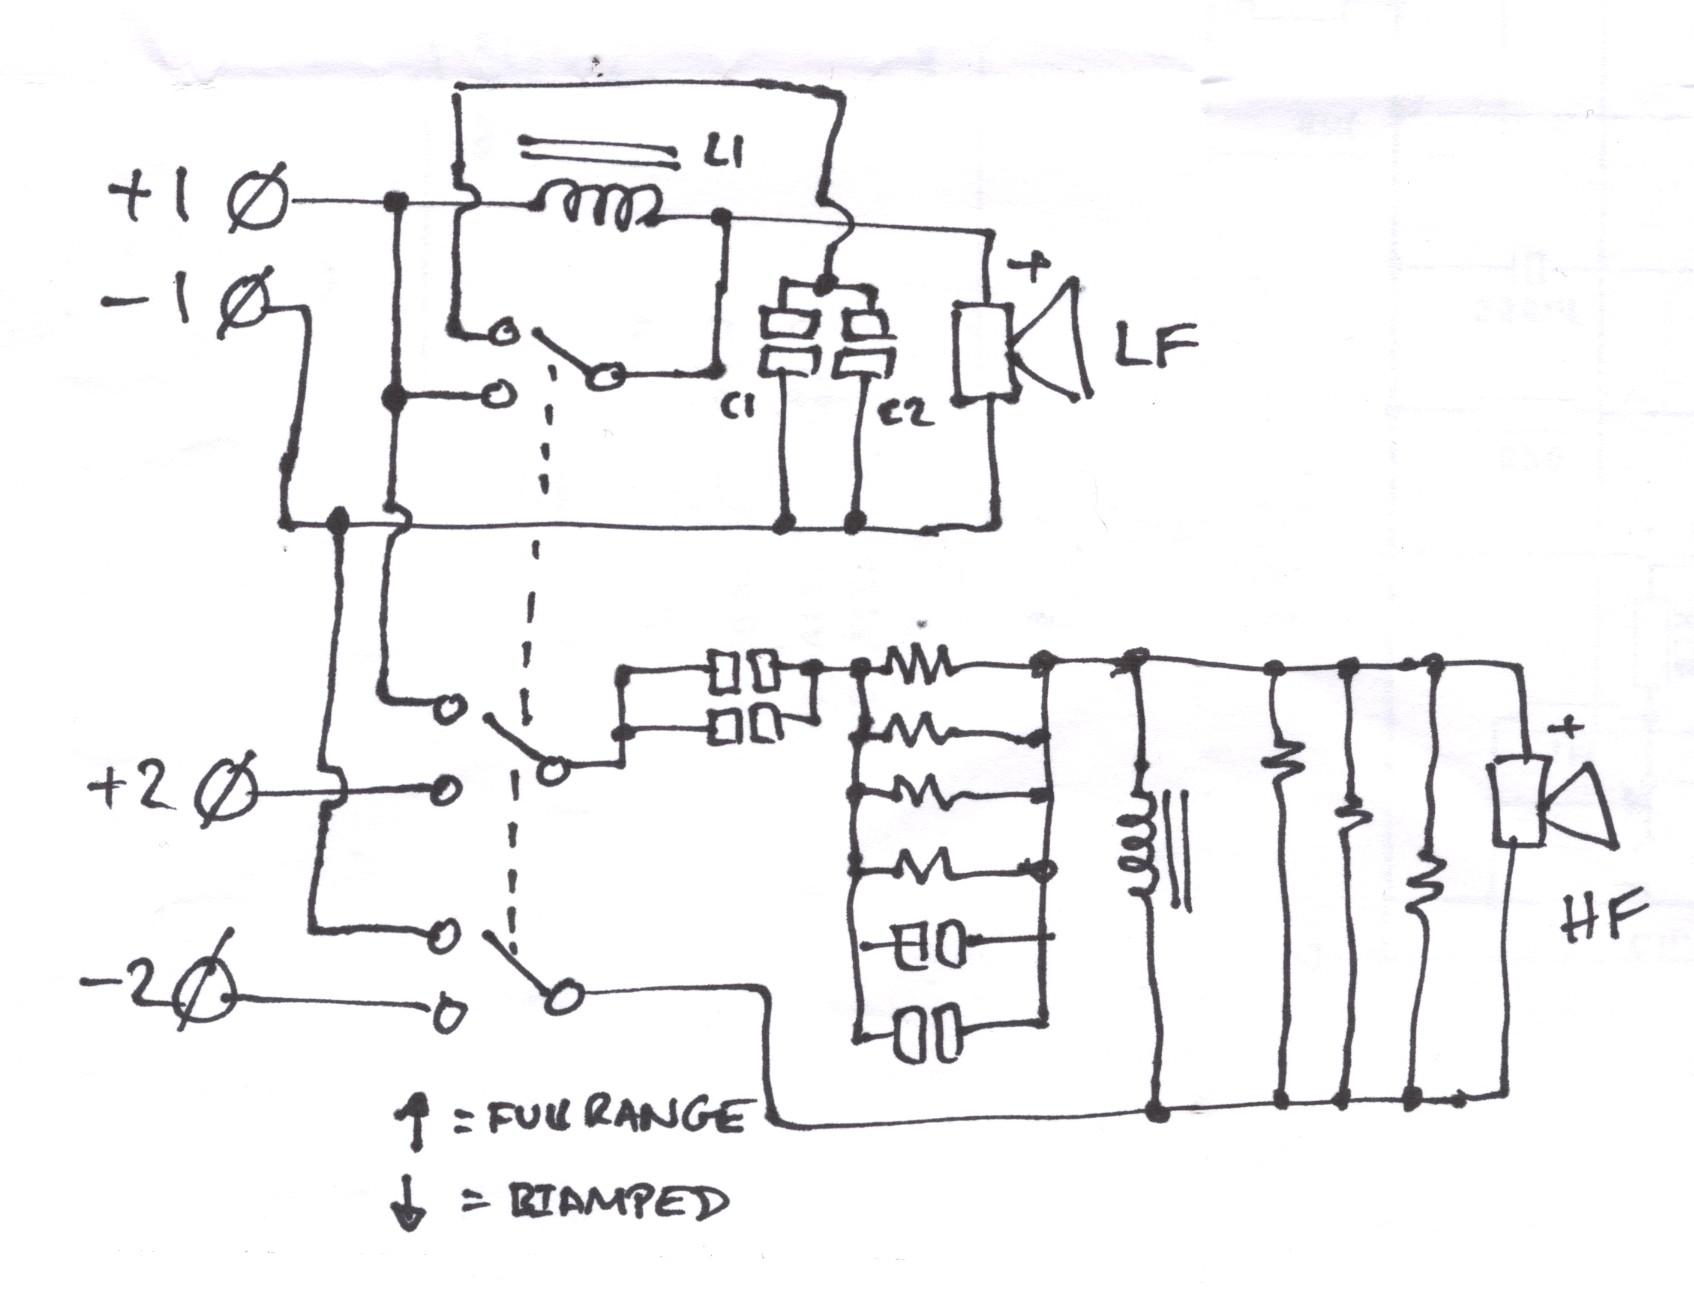 Jbl Sr4722 Wiring Question